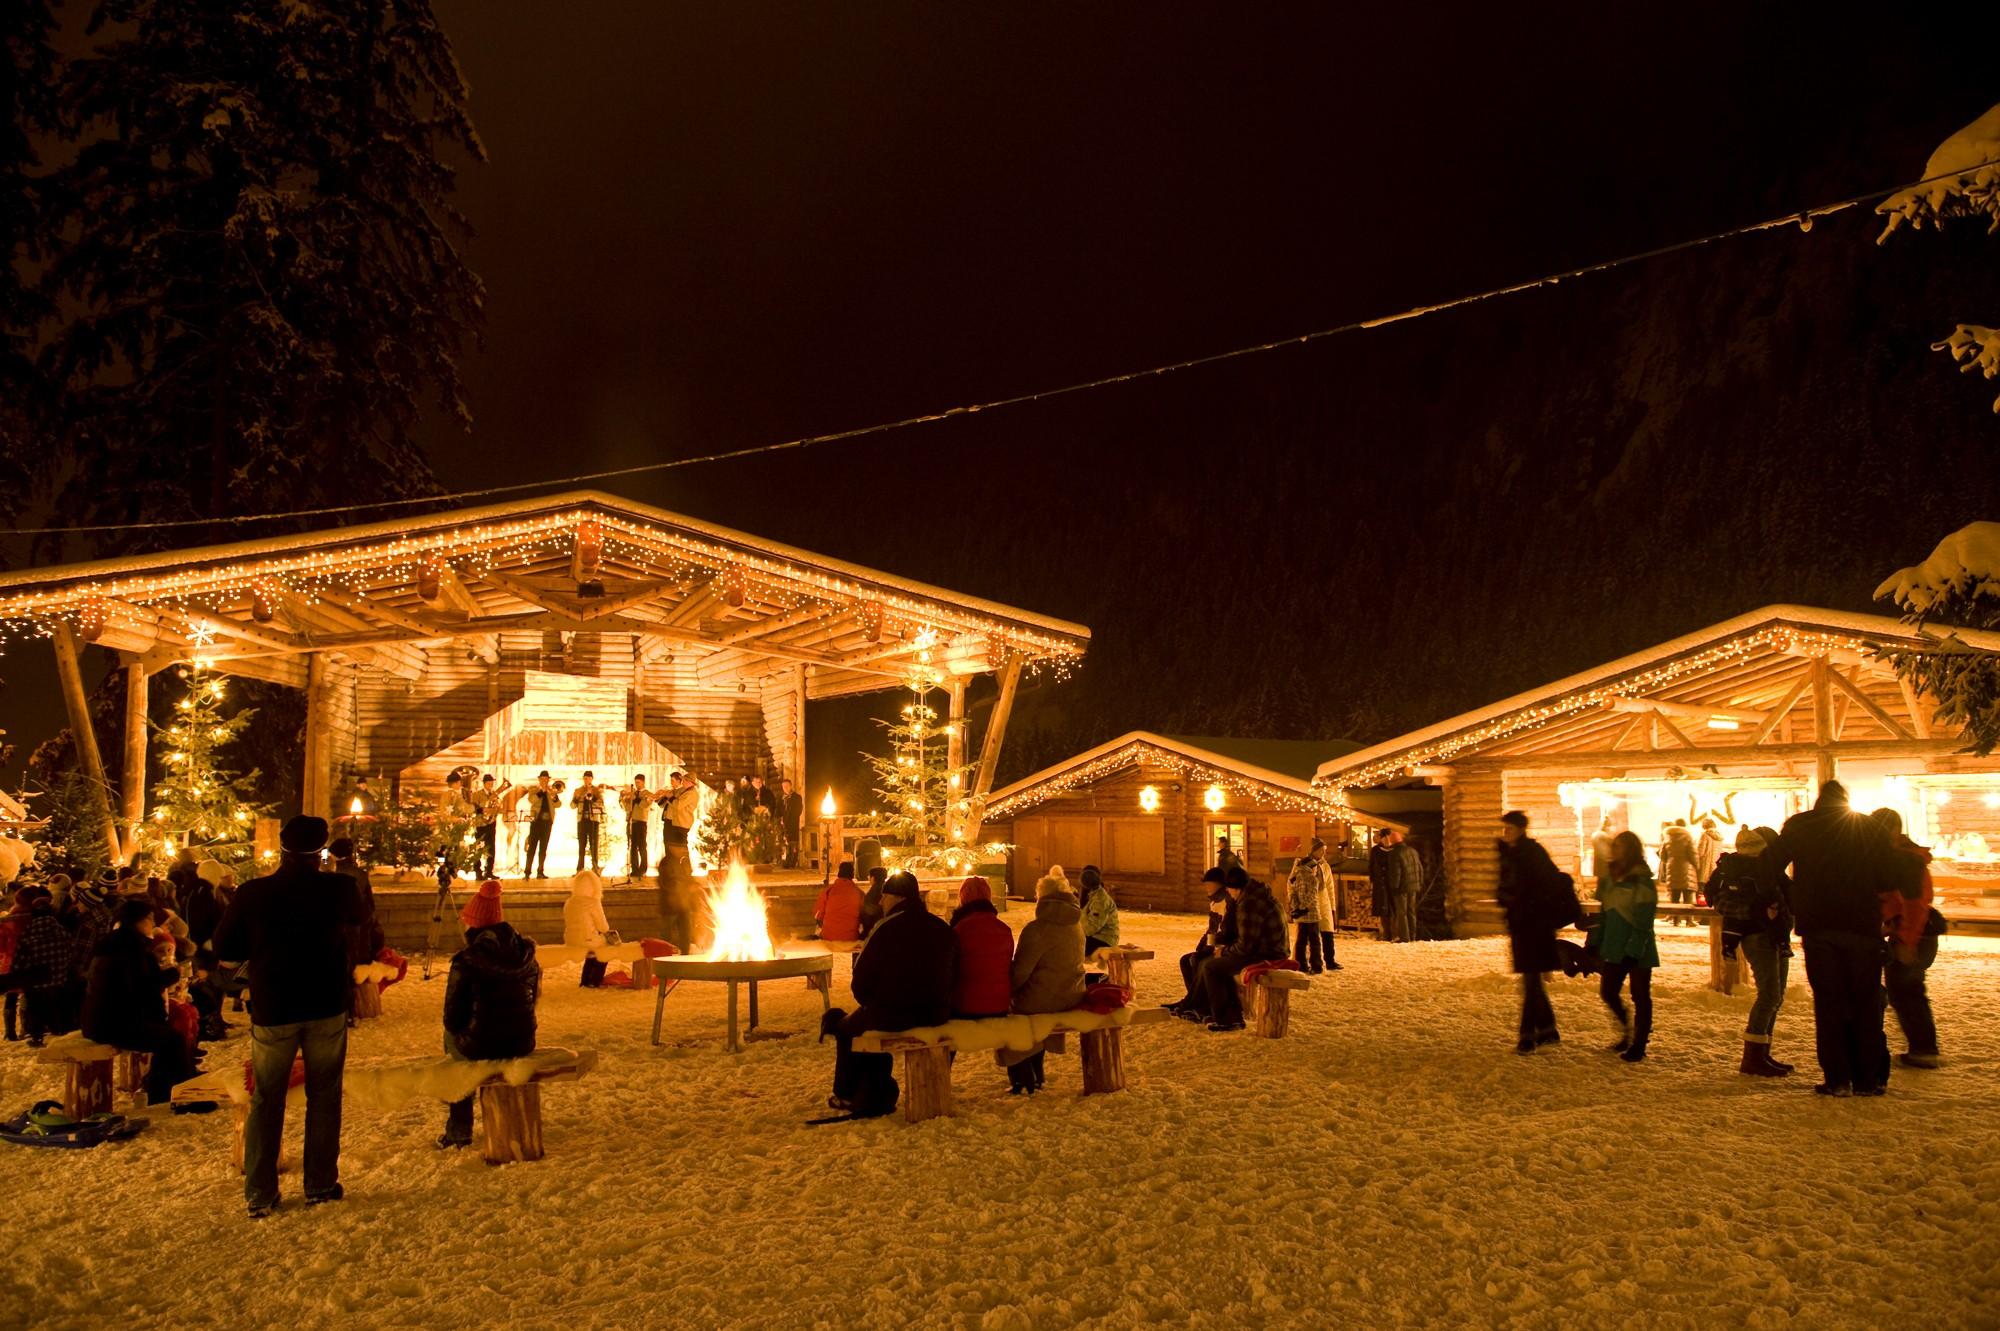 Mercatino di Natale a Hippach, cantori sul palco e pubblico che assiste